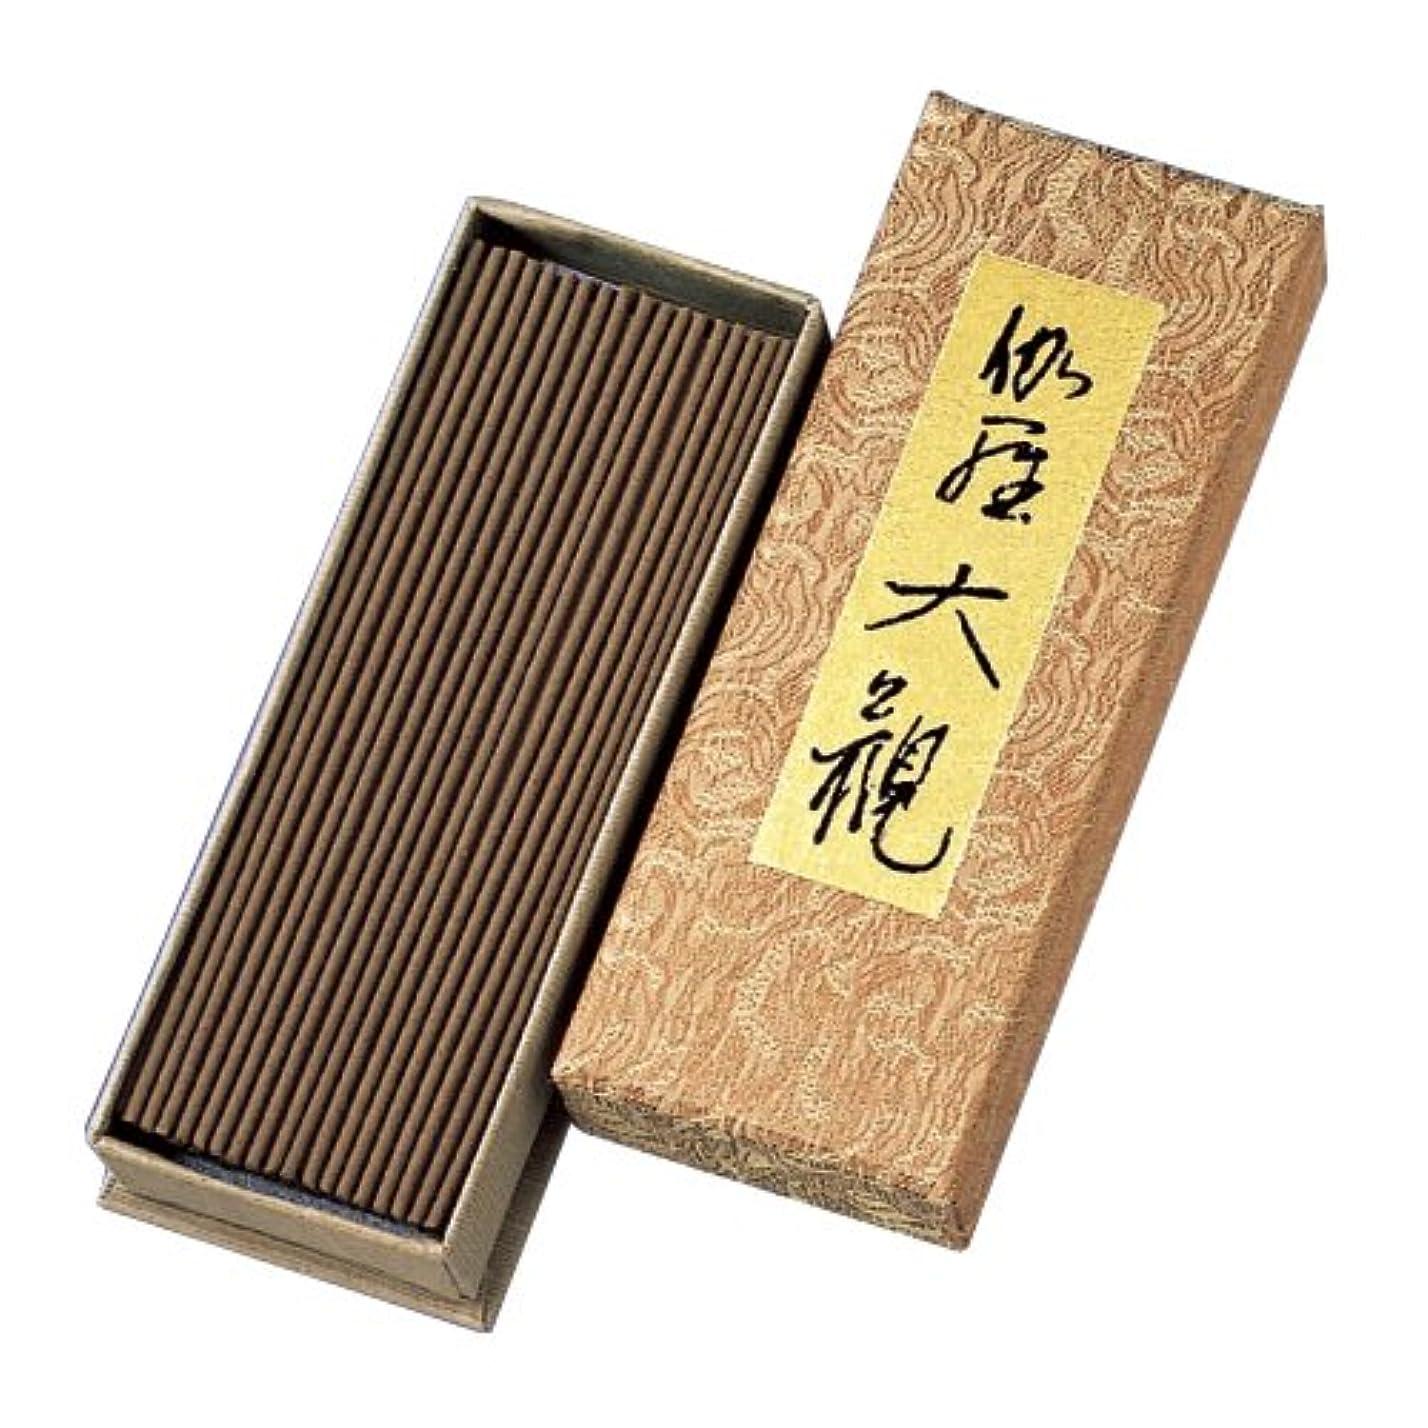 戸口湿ったクルーNippon Kodo?–?Kyara Taikan?–?プレミアムAloeswood Incense 150?sticks